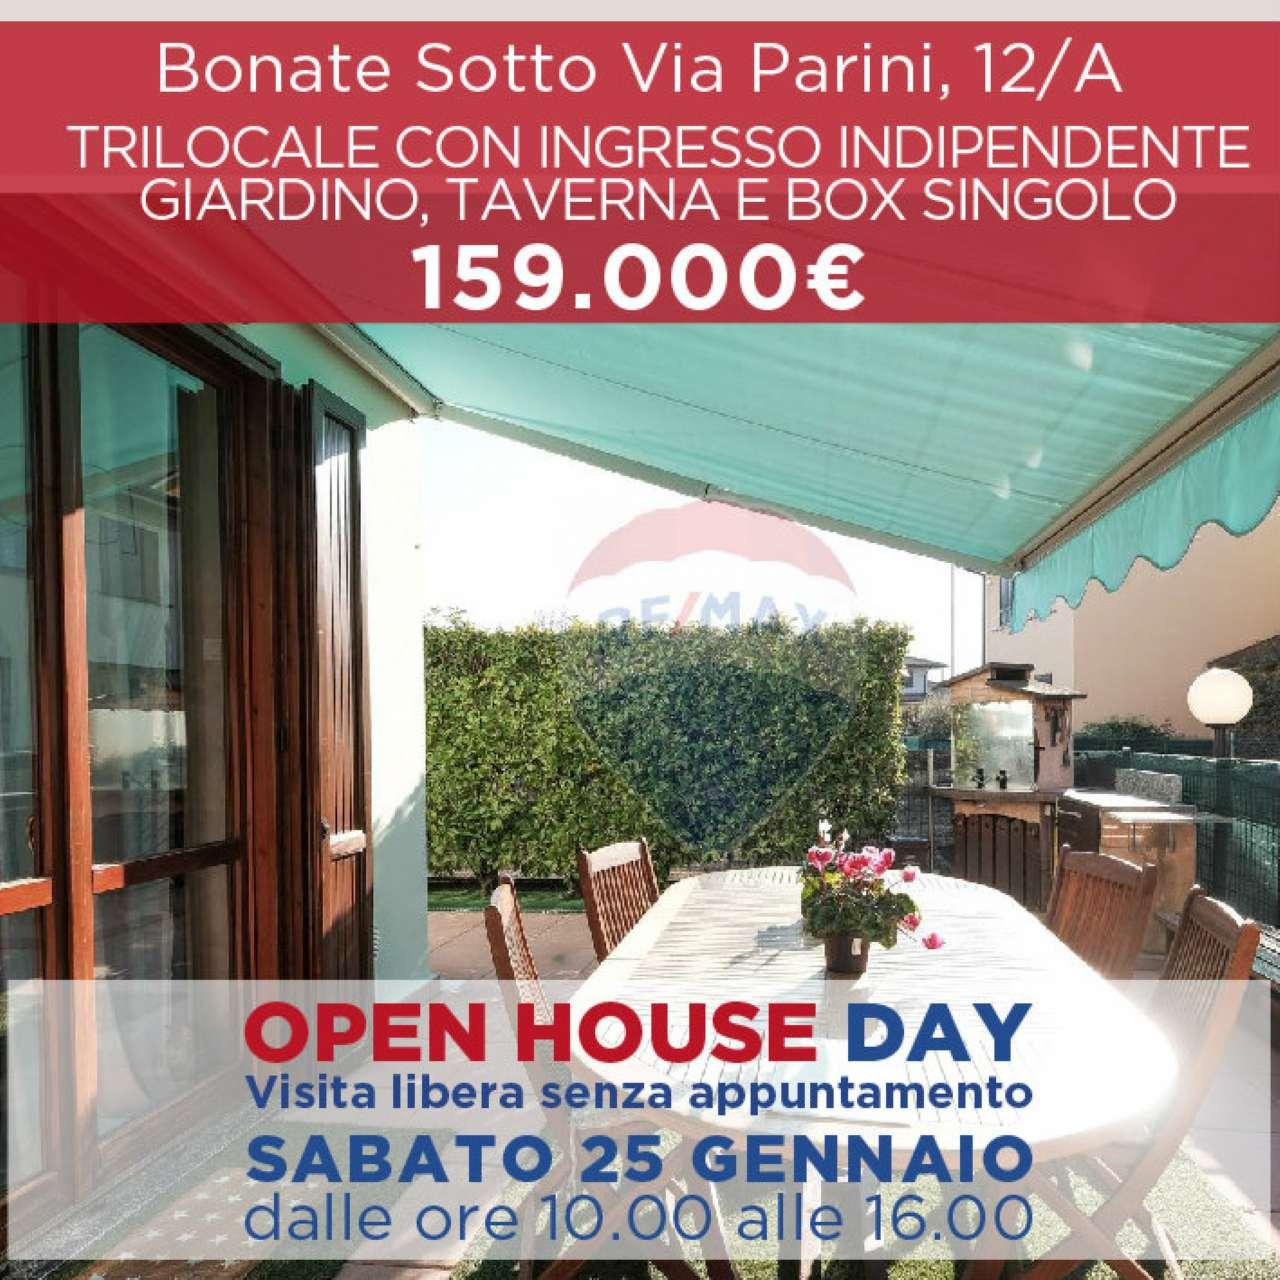 Appartamento in vendita a Bonate Sotto, 3 locali, prezzo € 159.000   PortaleAgenzieImmobiliari.it